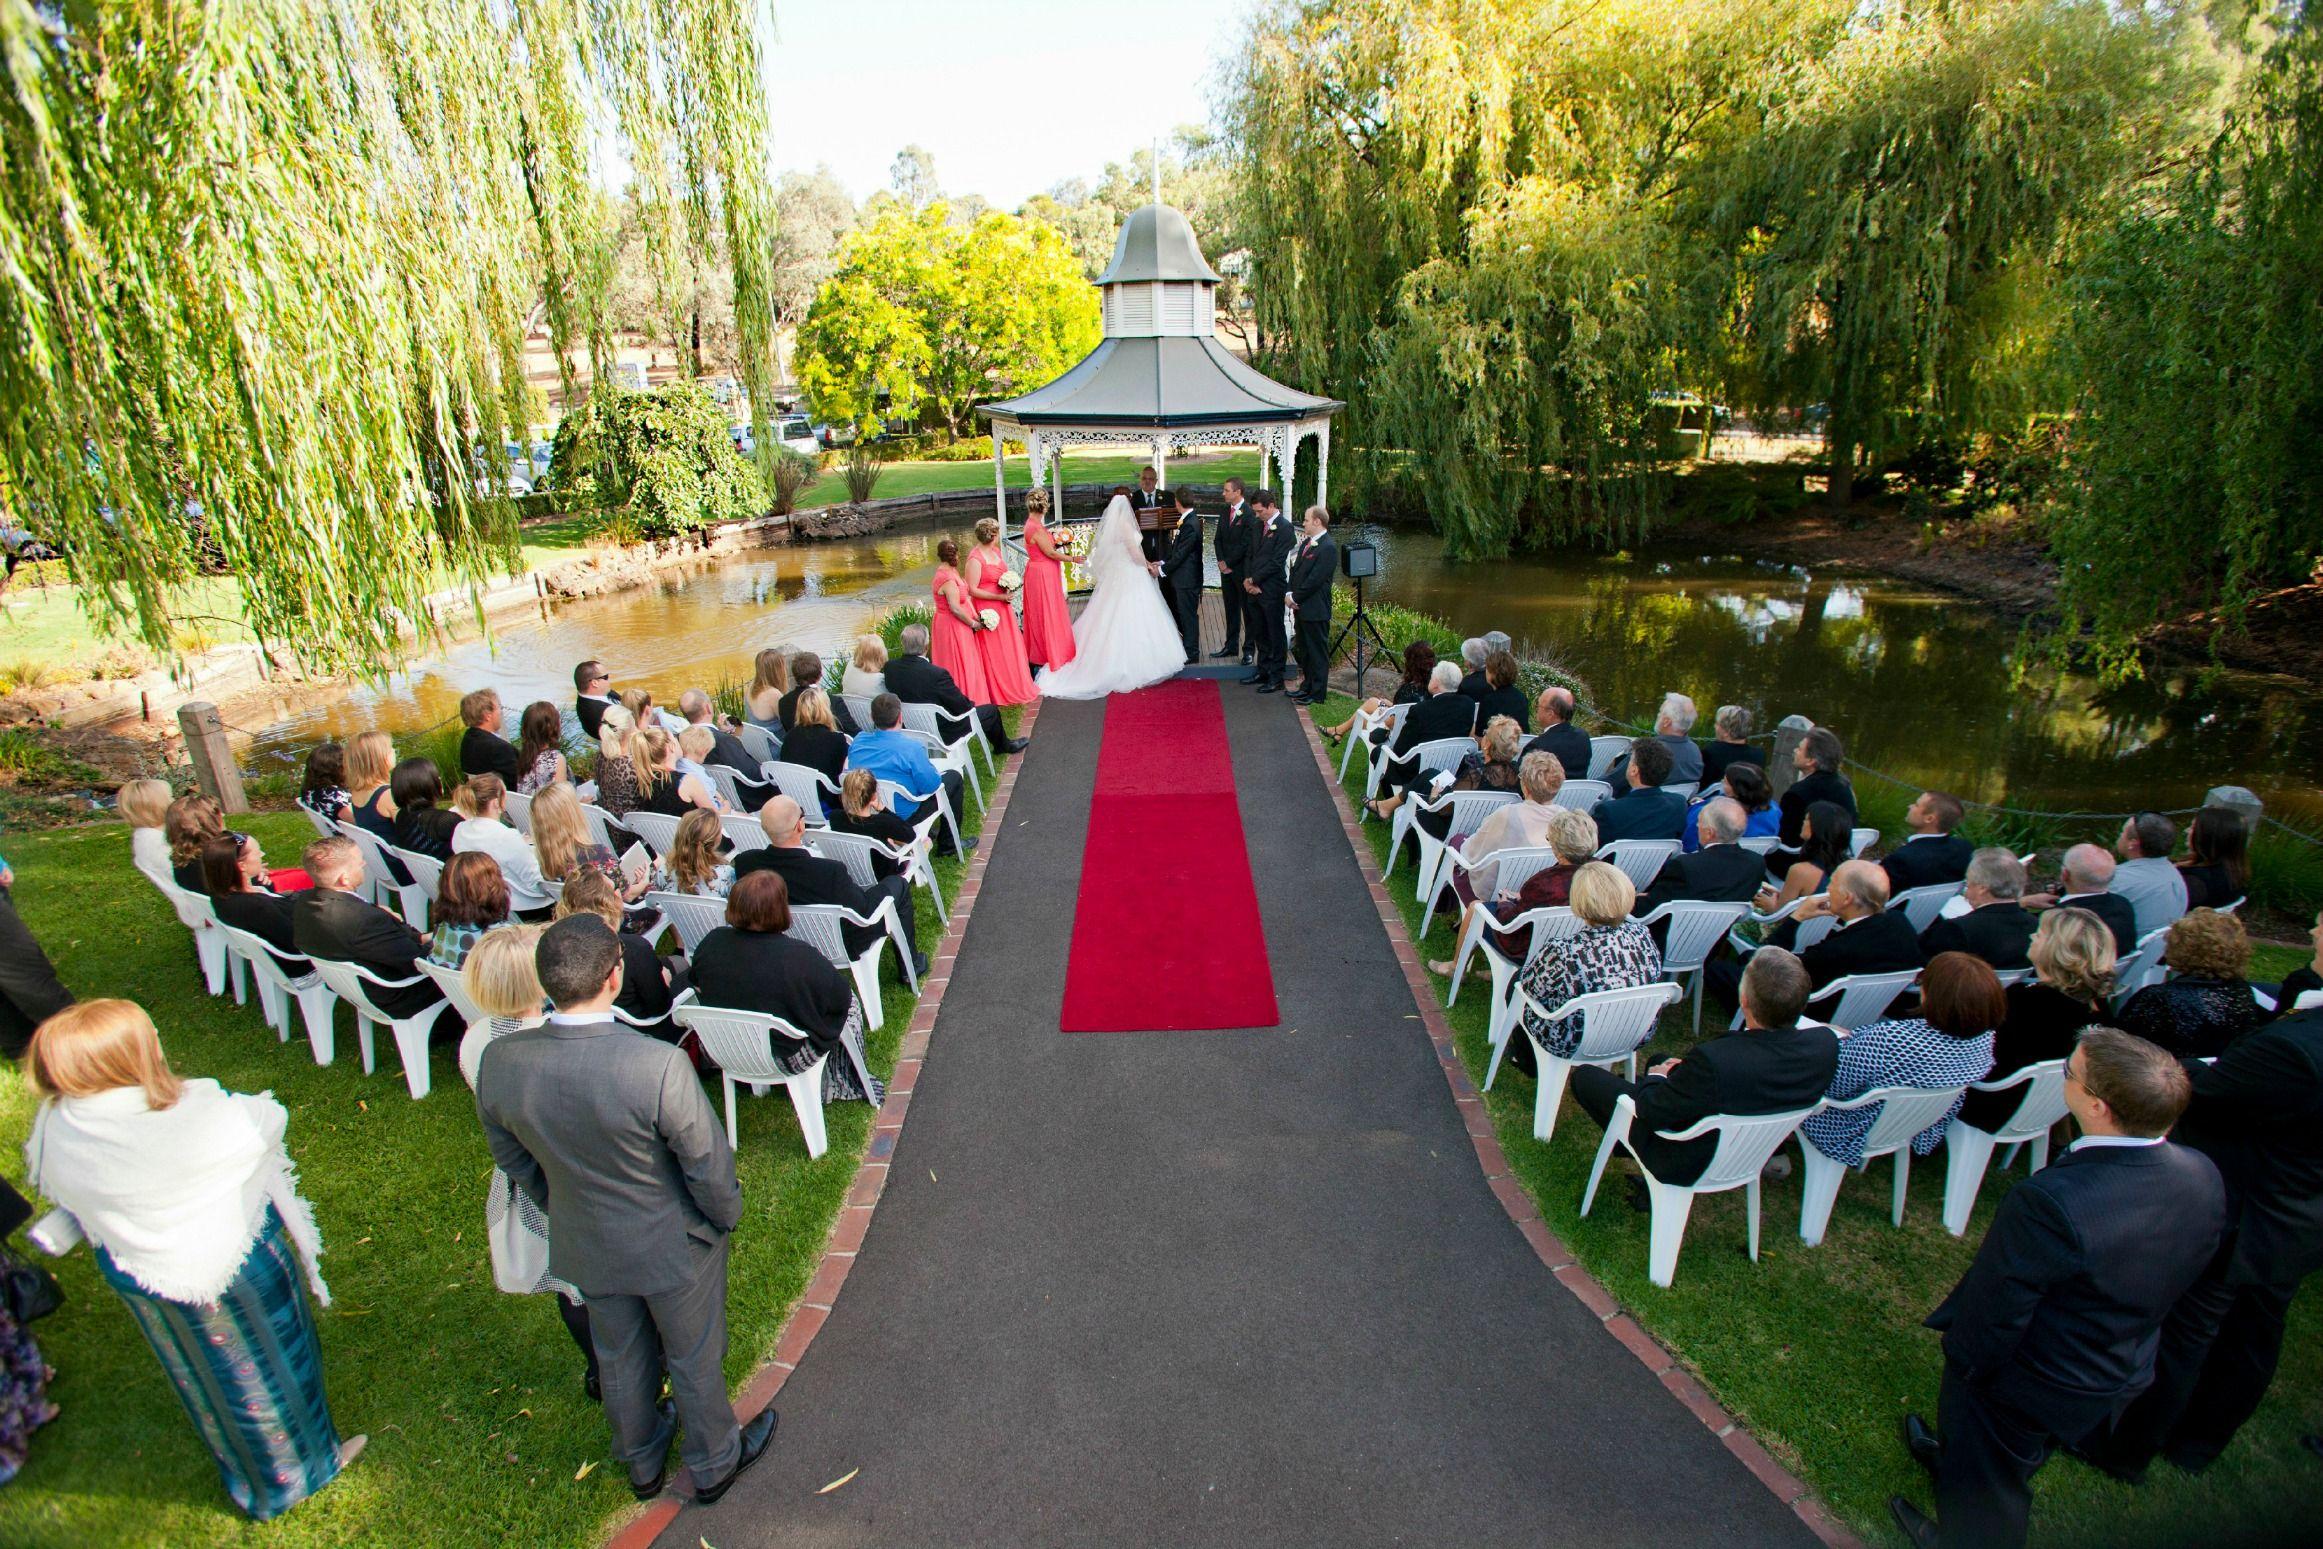 Our Gazebo weddings overlook the lake